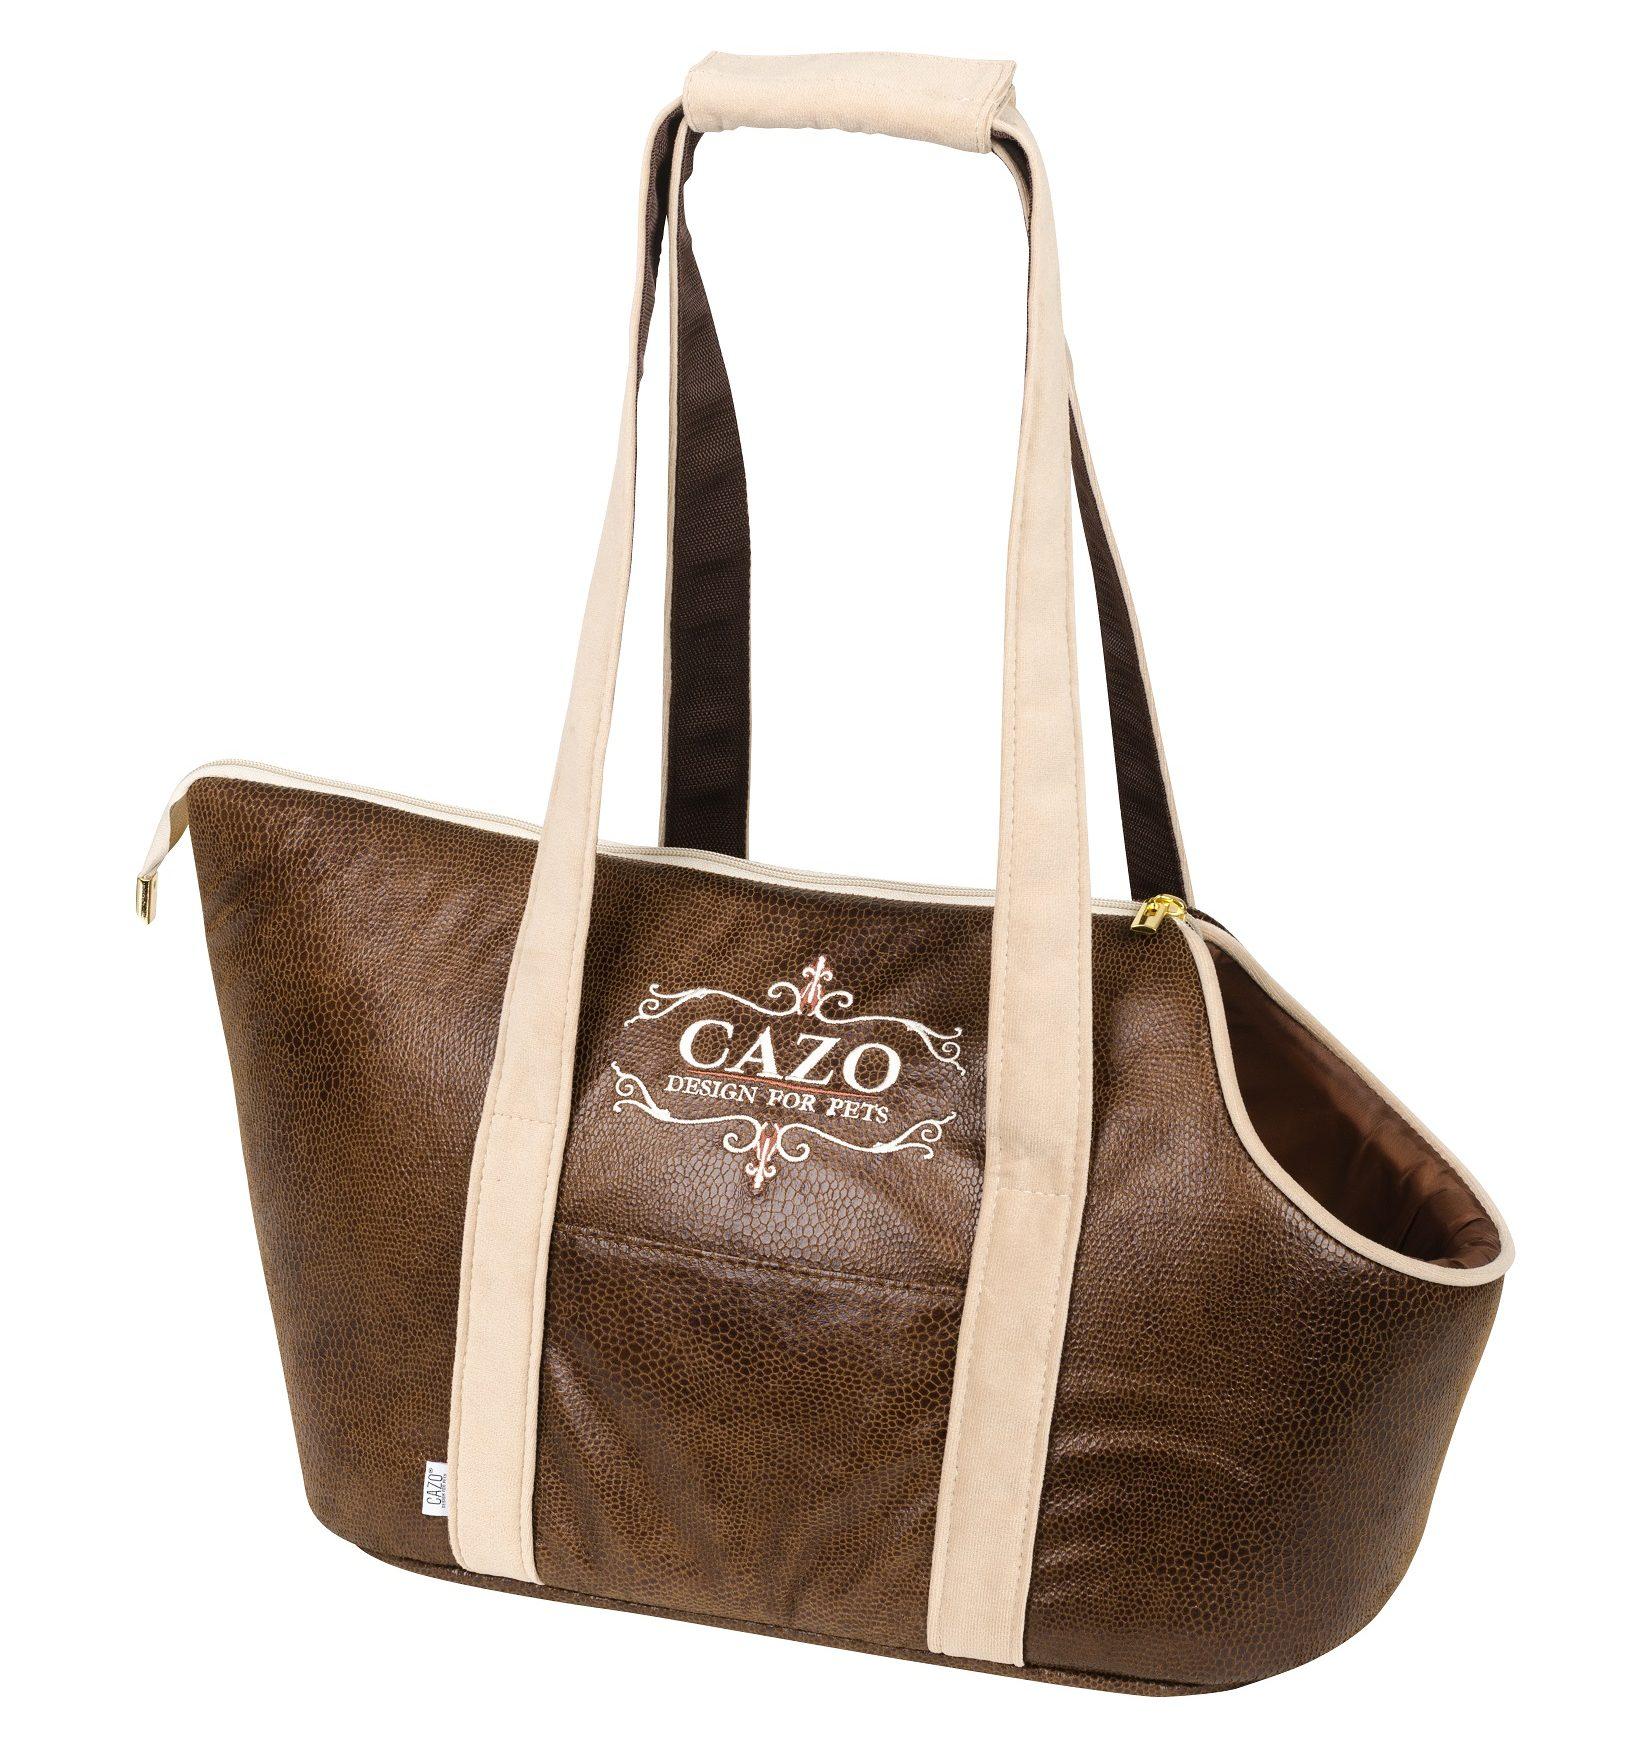 Cestovná taška Cazo Classy hnedá, spĺňa všetky náročné kritéria potrebné pre pohodlie pri transporte vášho domáceho maznáčika, ktorými sú kvalita, komfort, moderný dizajn, originalita a jednoduchosť v údržbe.